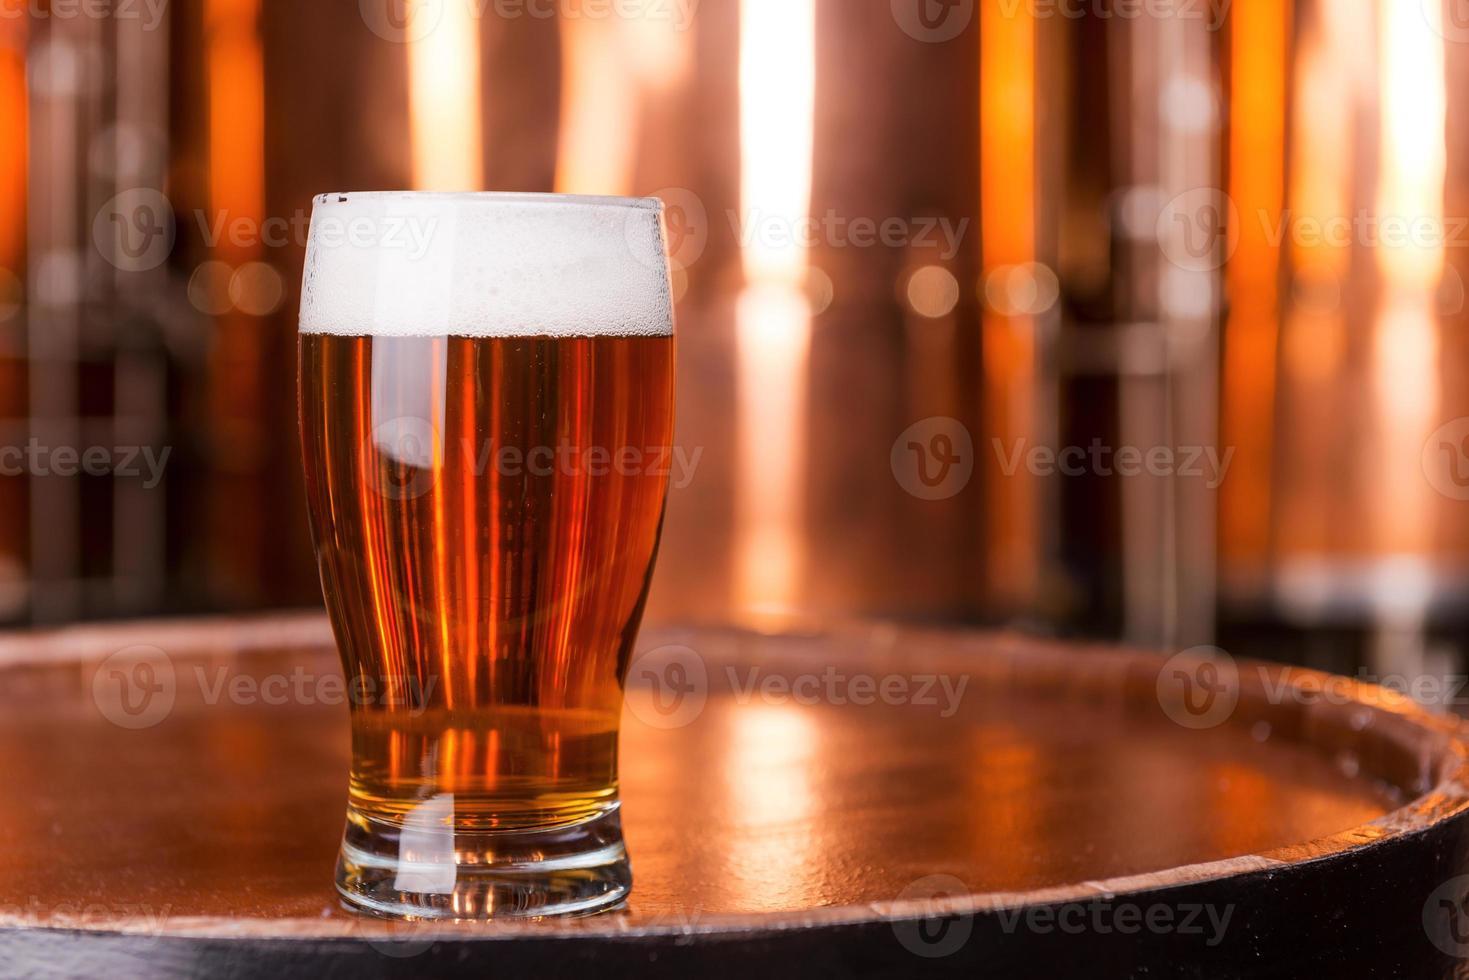 birra fresca. foto